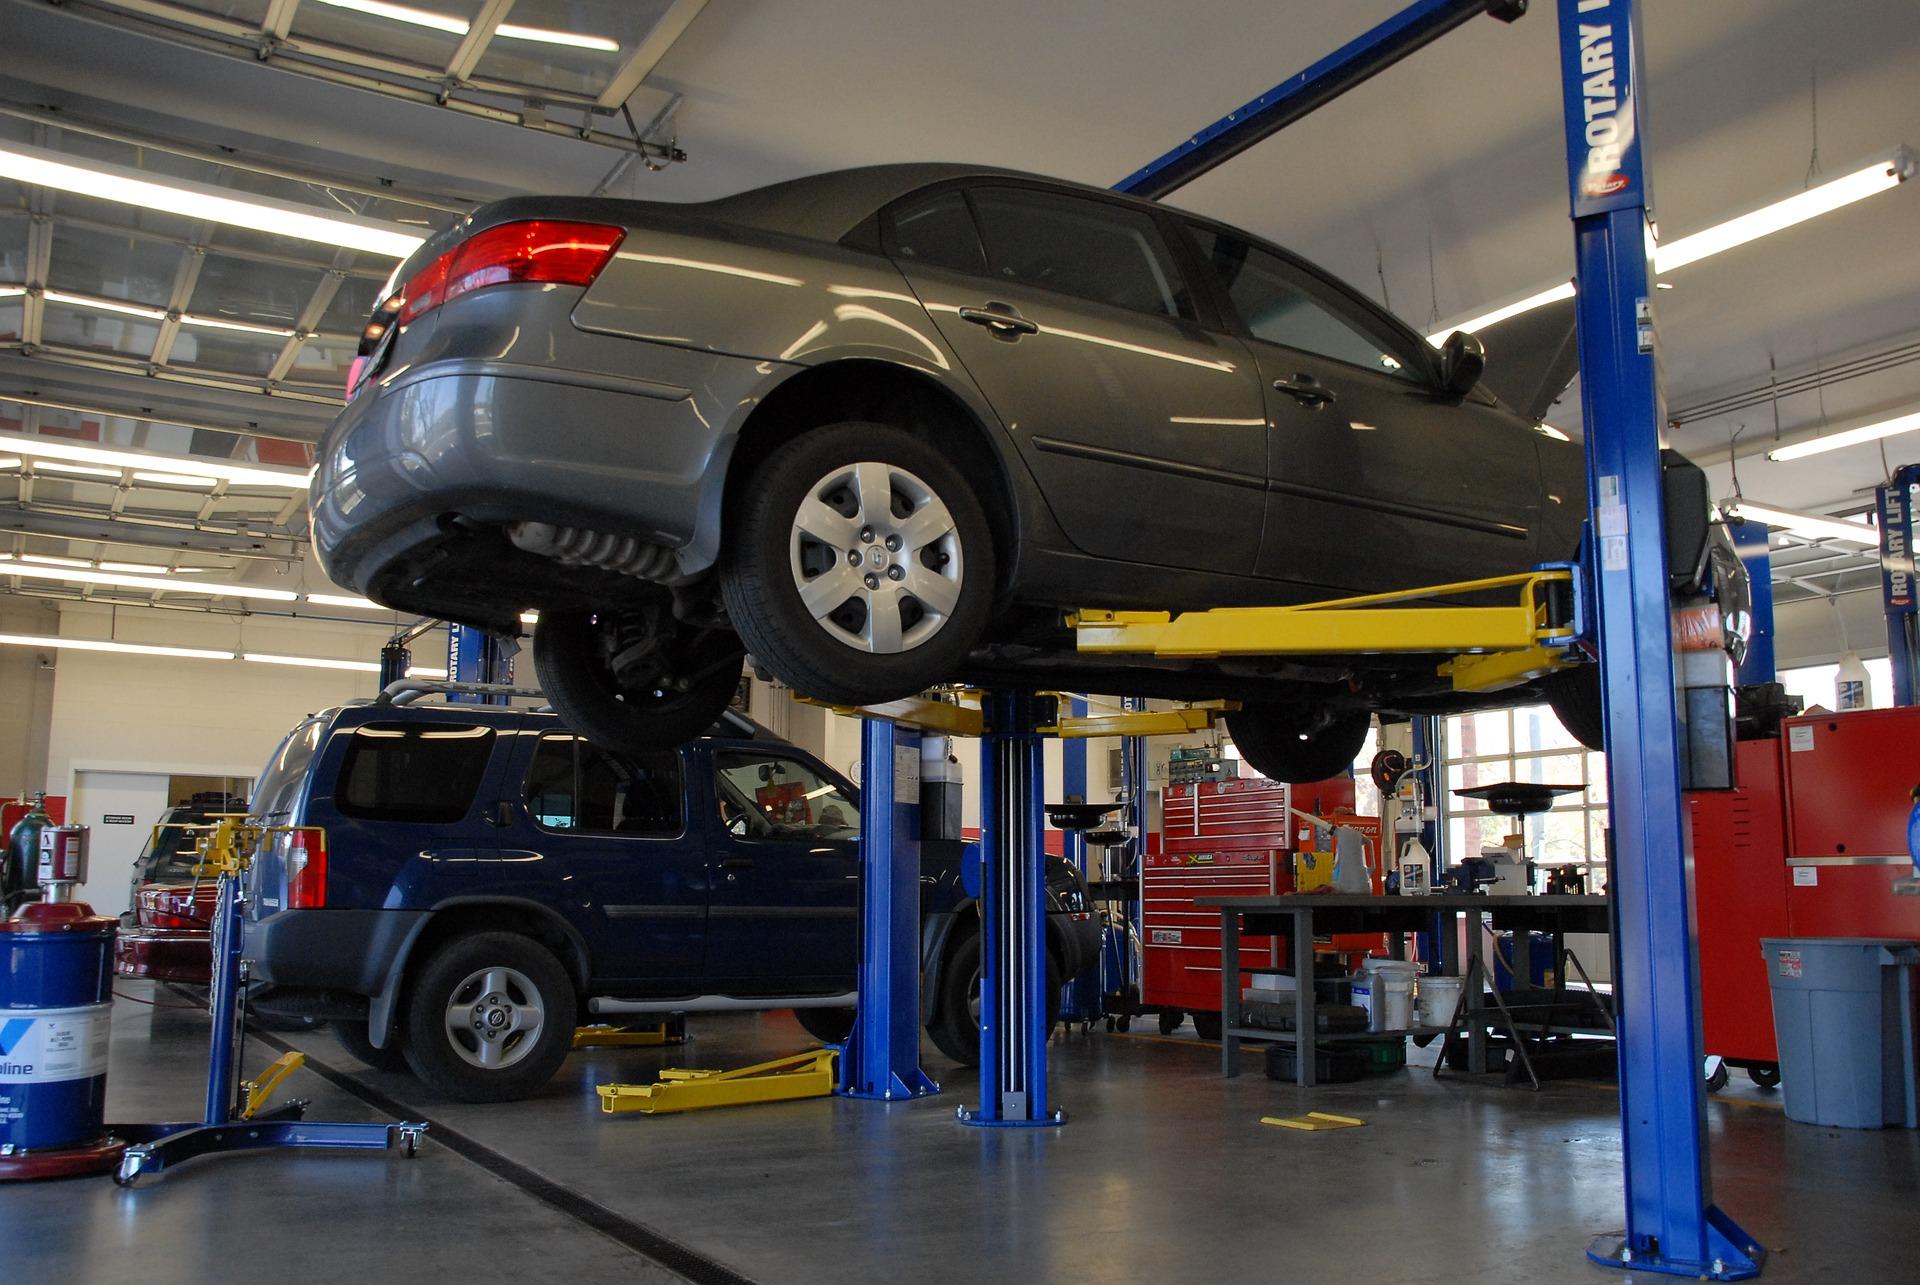 Chevy Silverado Free Repair Guide Resources